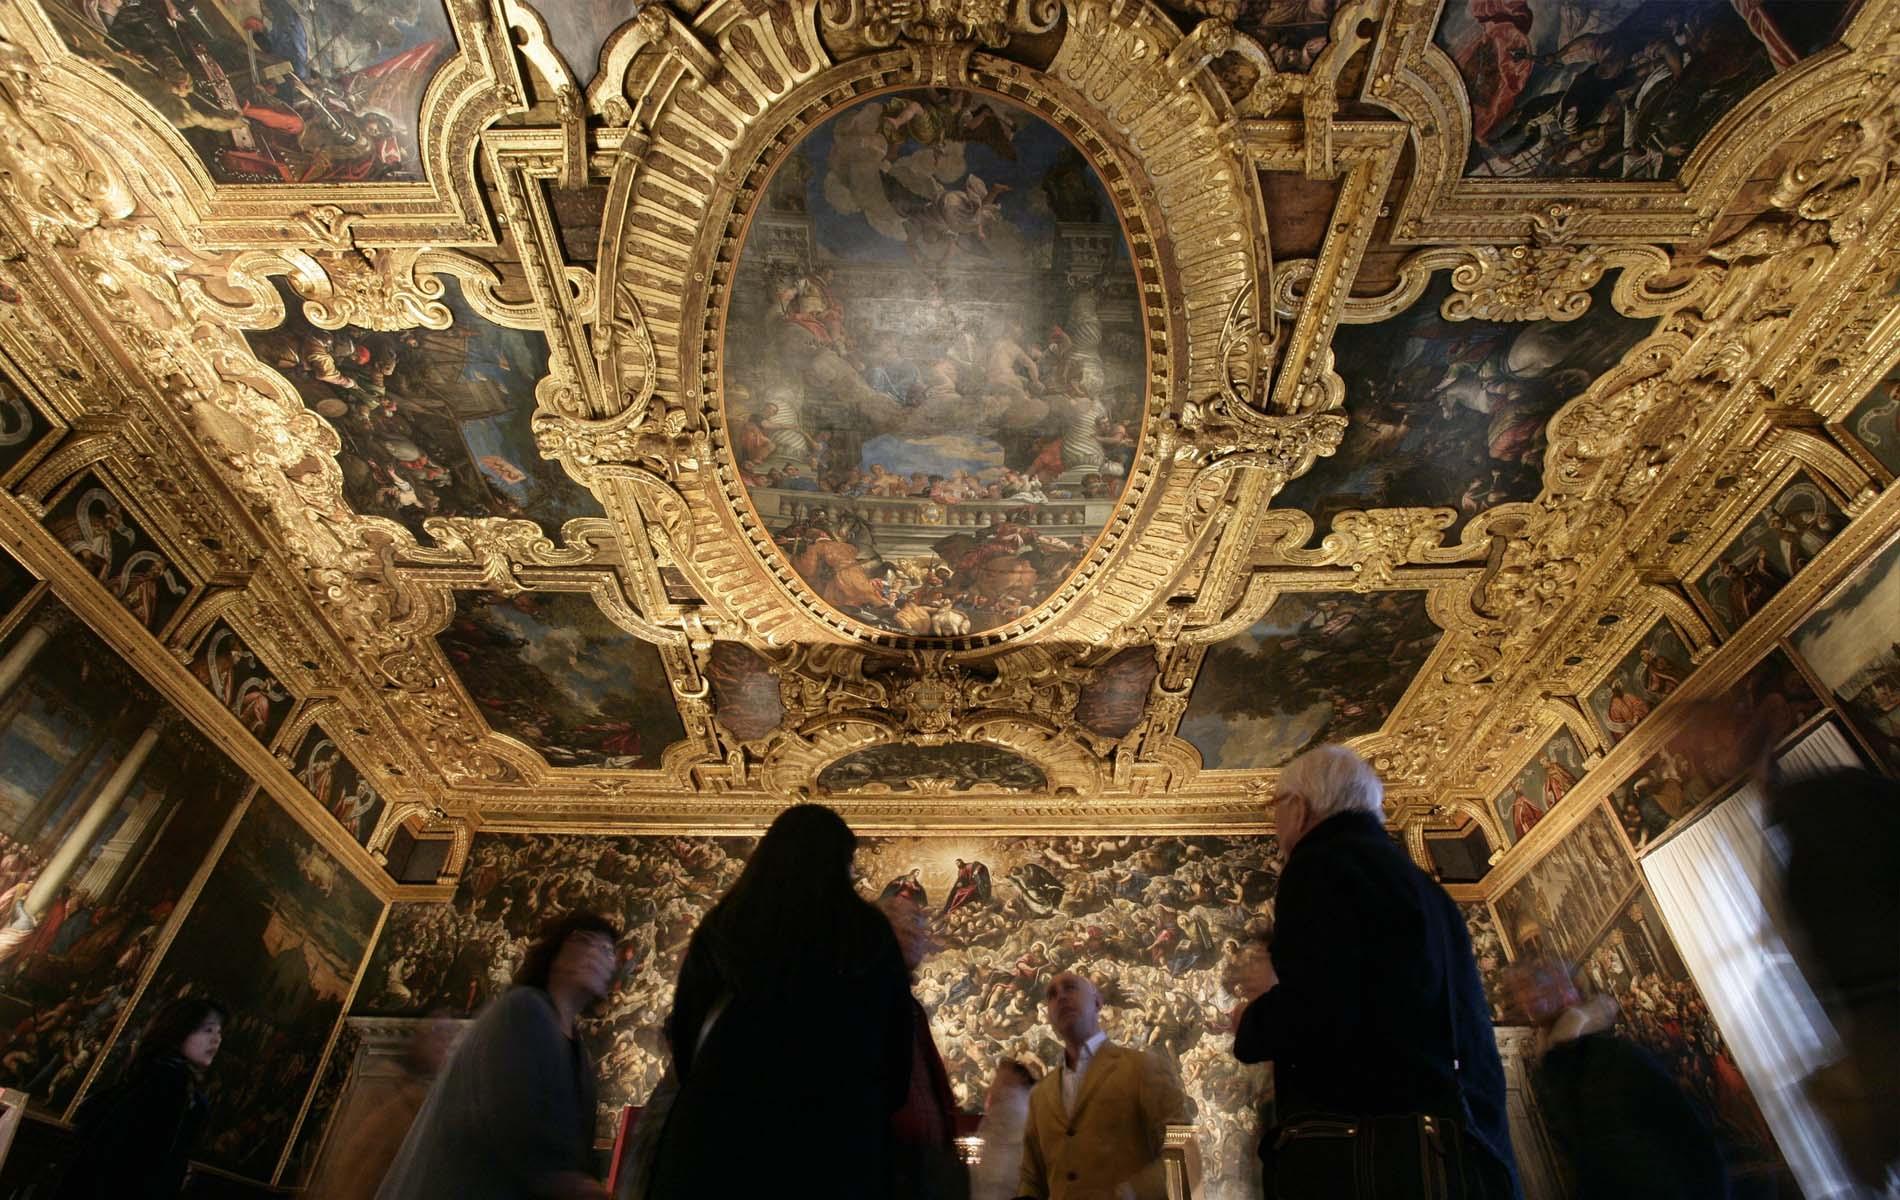 tintoretto,venecia,venice.barroco,baroque,Scuola Grande di San Rocco